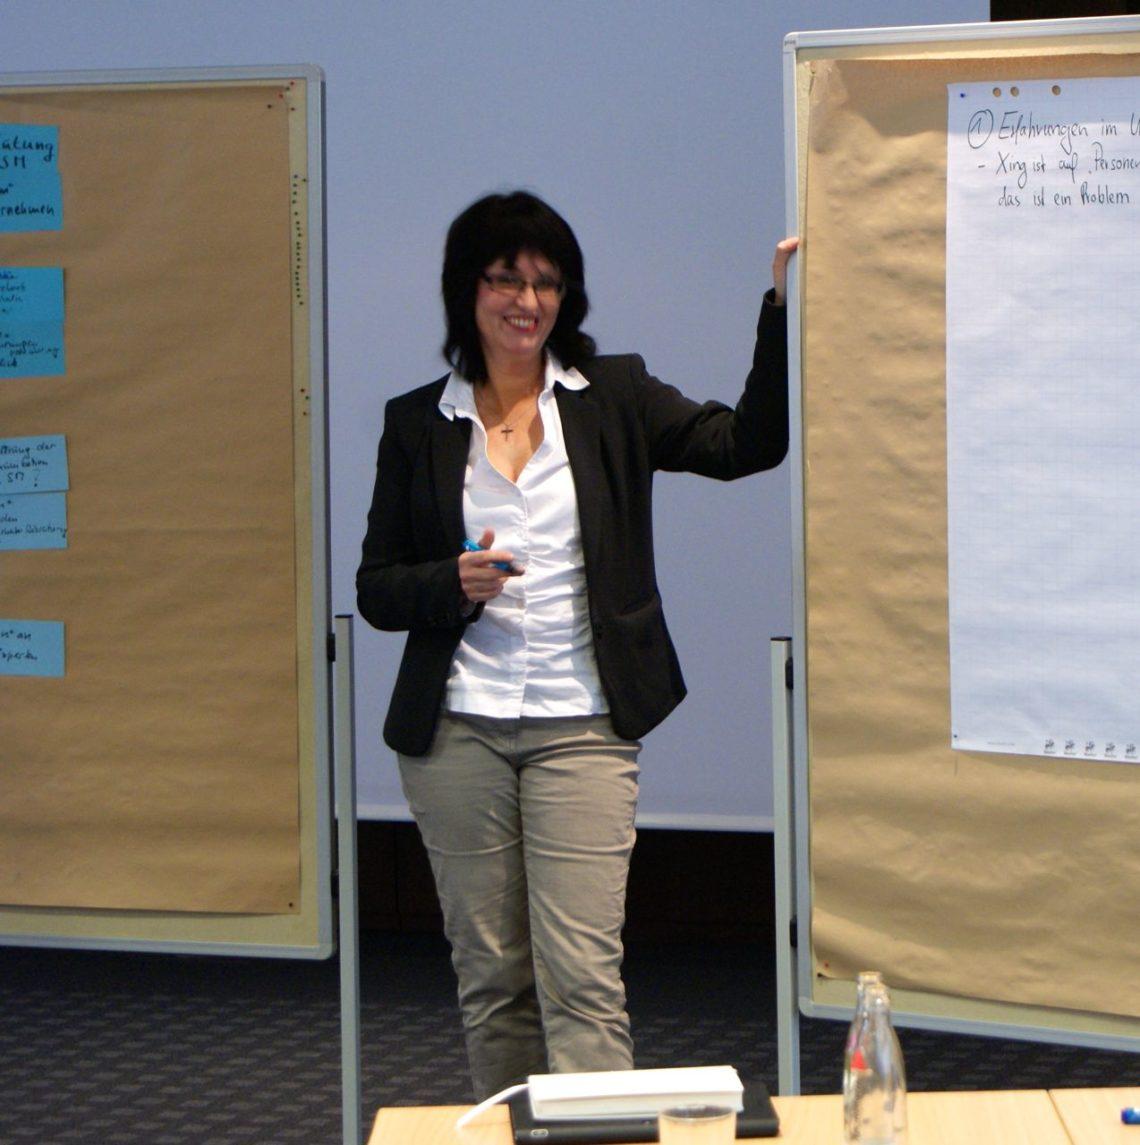 Eigene Ziele erreichen mit Eva Ihnenfeldt: Mit Strategie, Sinn und Disziplin